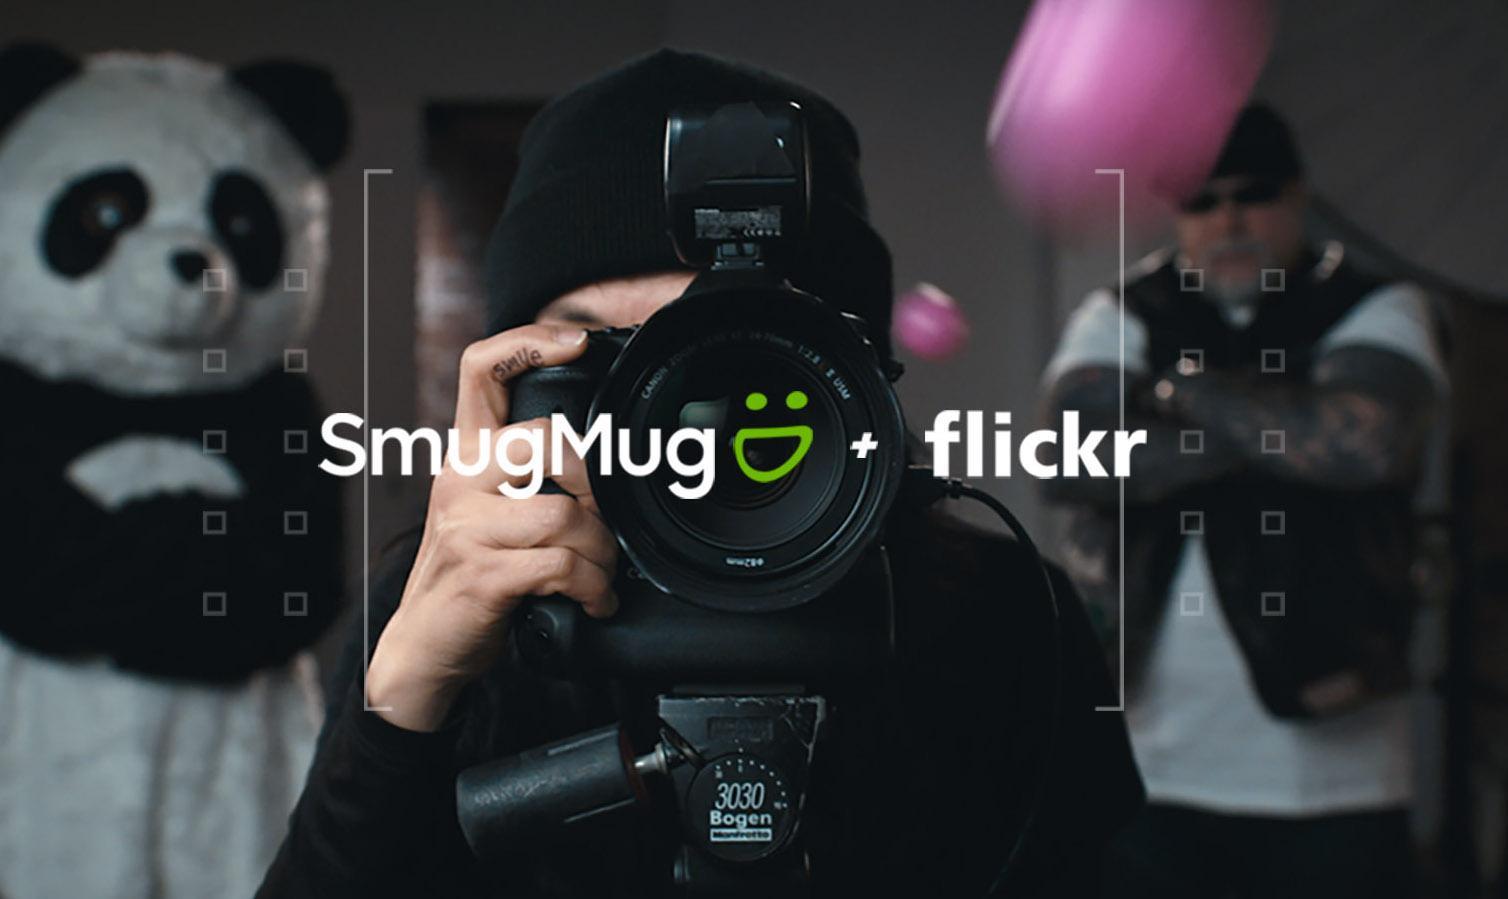 Flickr excluindo fotos a partir de amanhã: como preparar